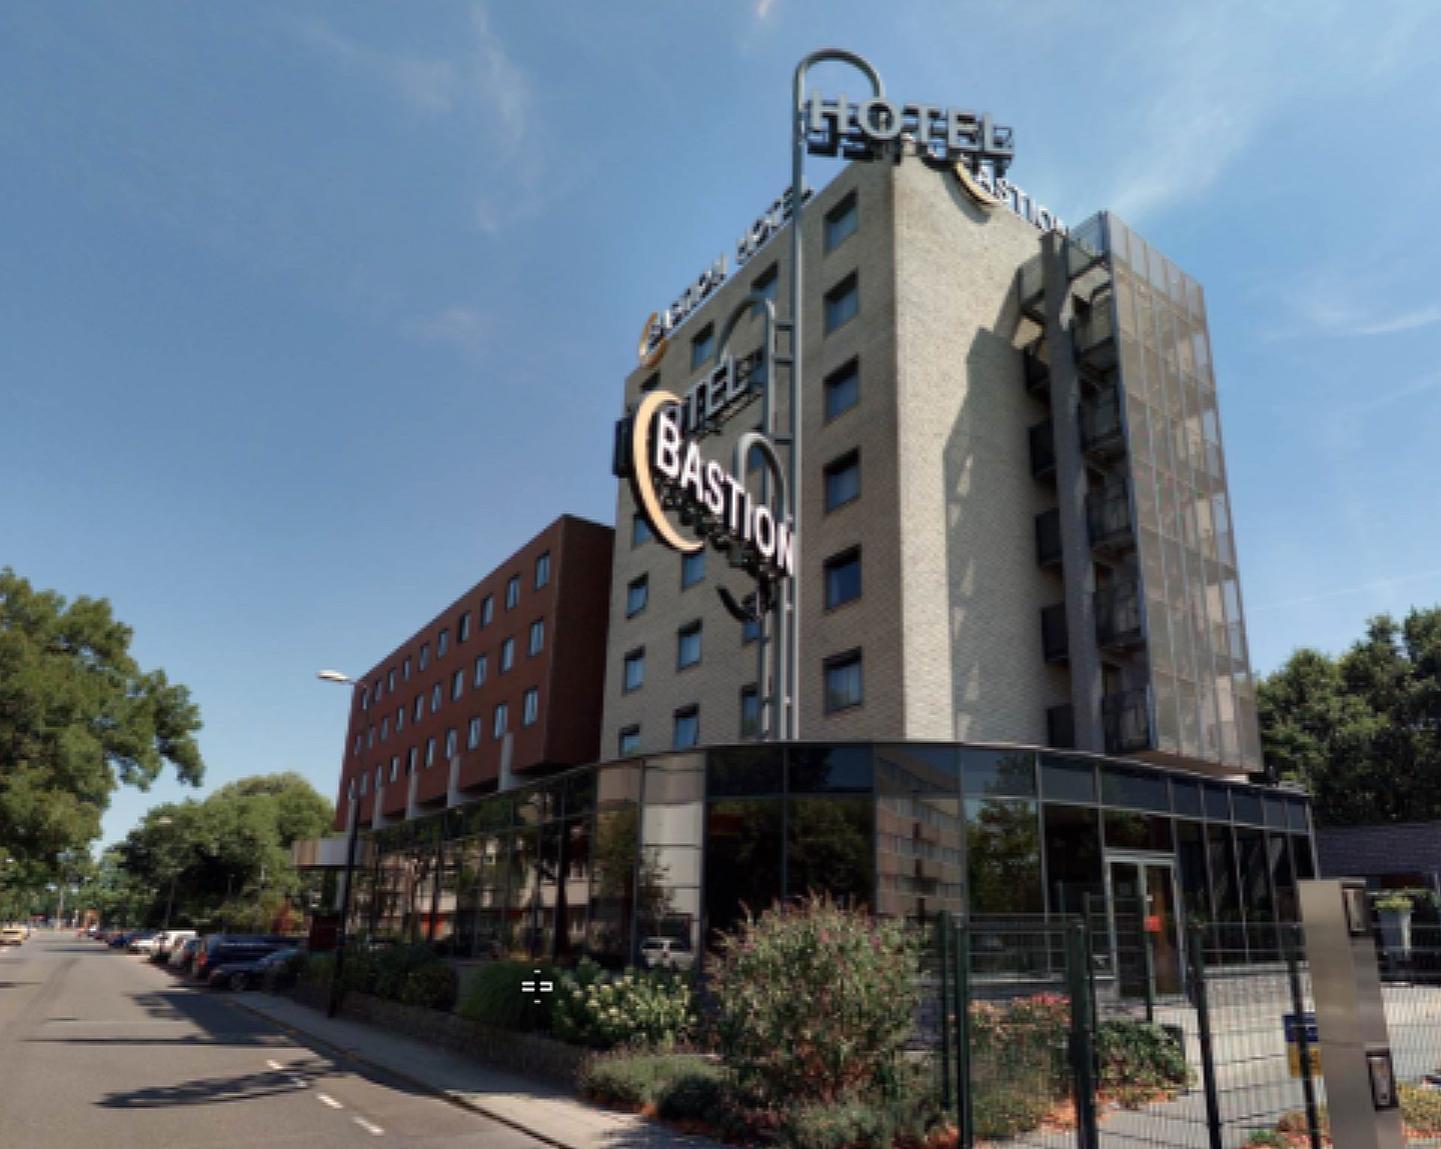 Hotelboeking Mieke Boerema is na betaling onvindbaar...